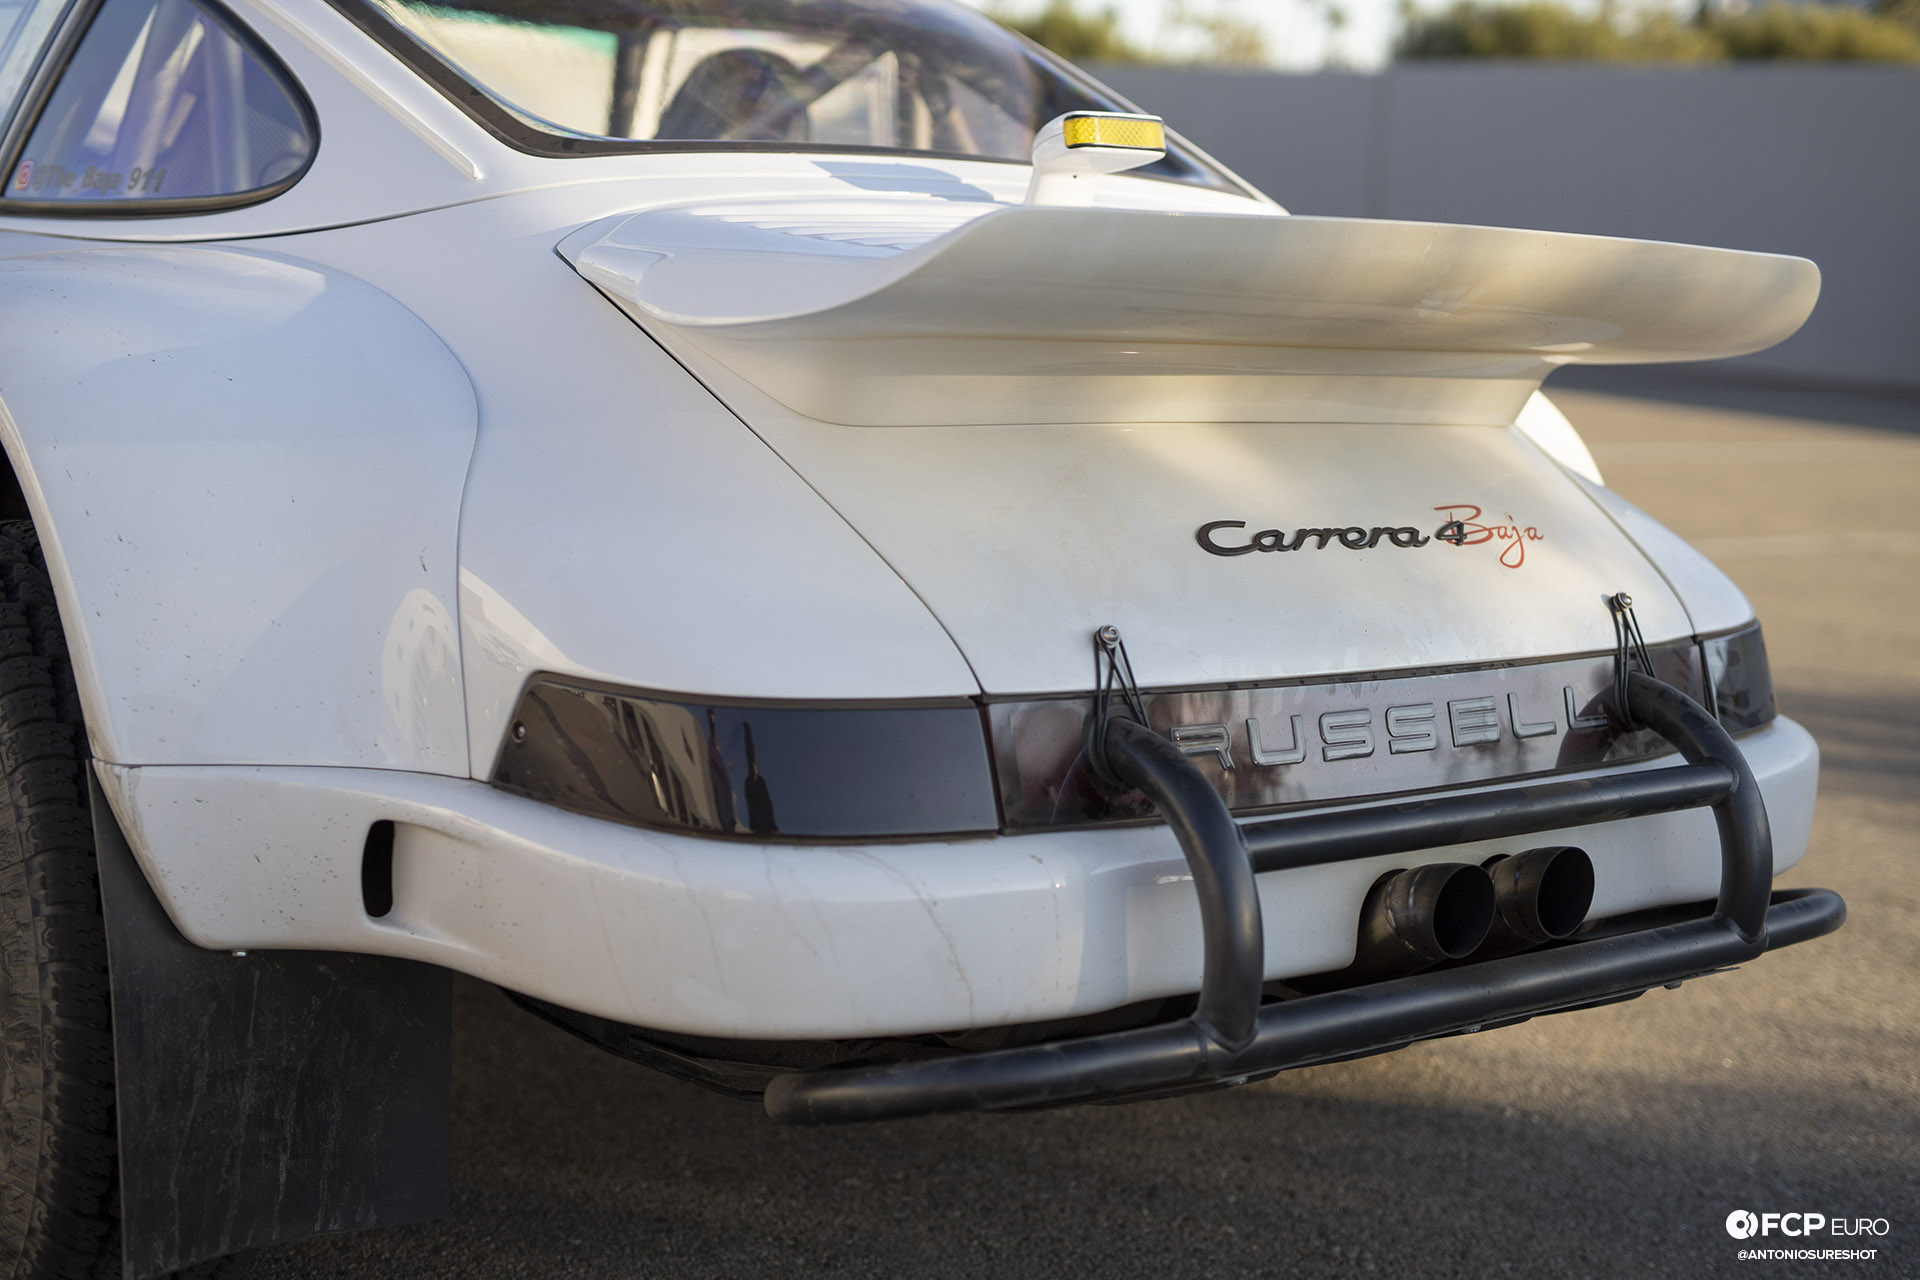 Baja 911 TJ Russell Porsche Carrera 4 EOSR4322